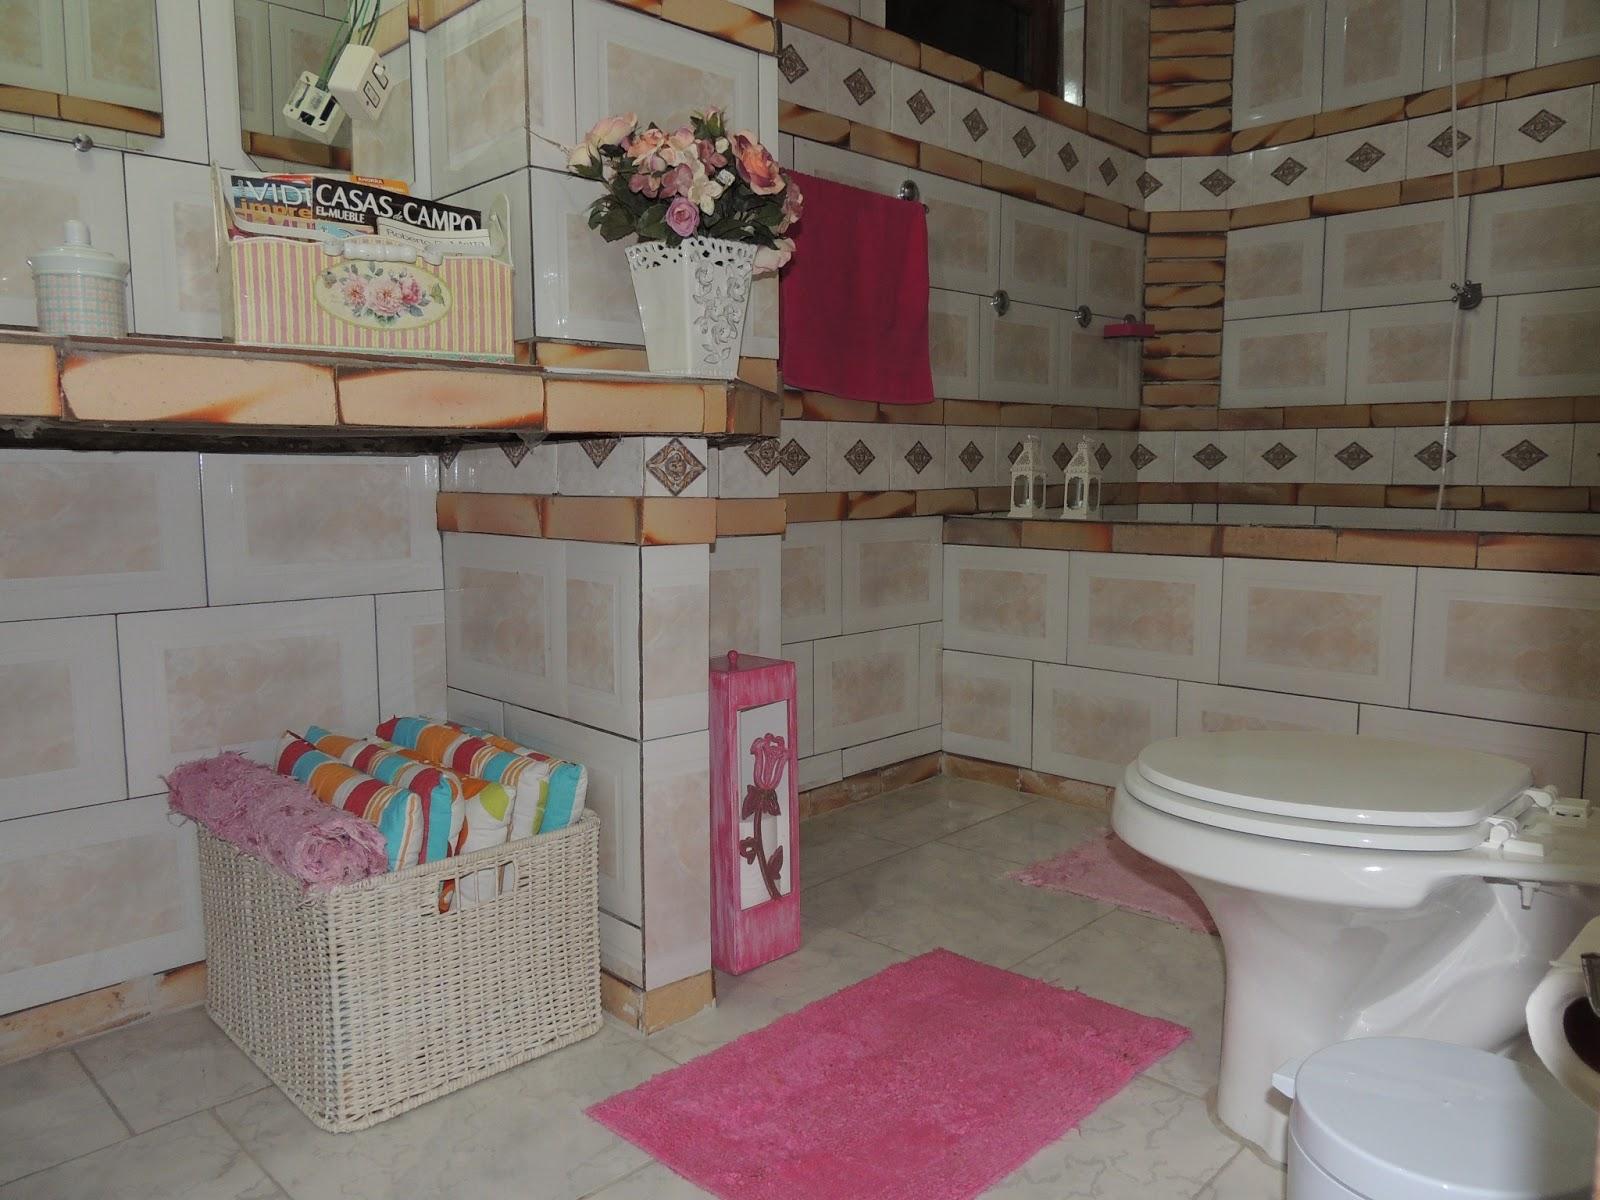 Casa de Campo dos Sonhos em Mandirituba Paraná: Banheiro Social #894259 1600x1200 Banheiro Com Banheira Antiga